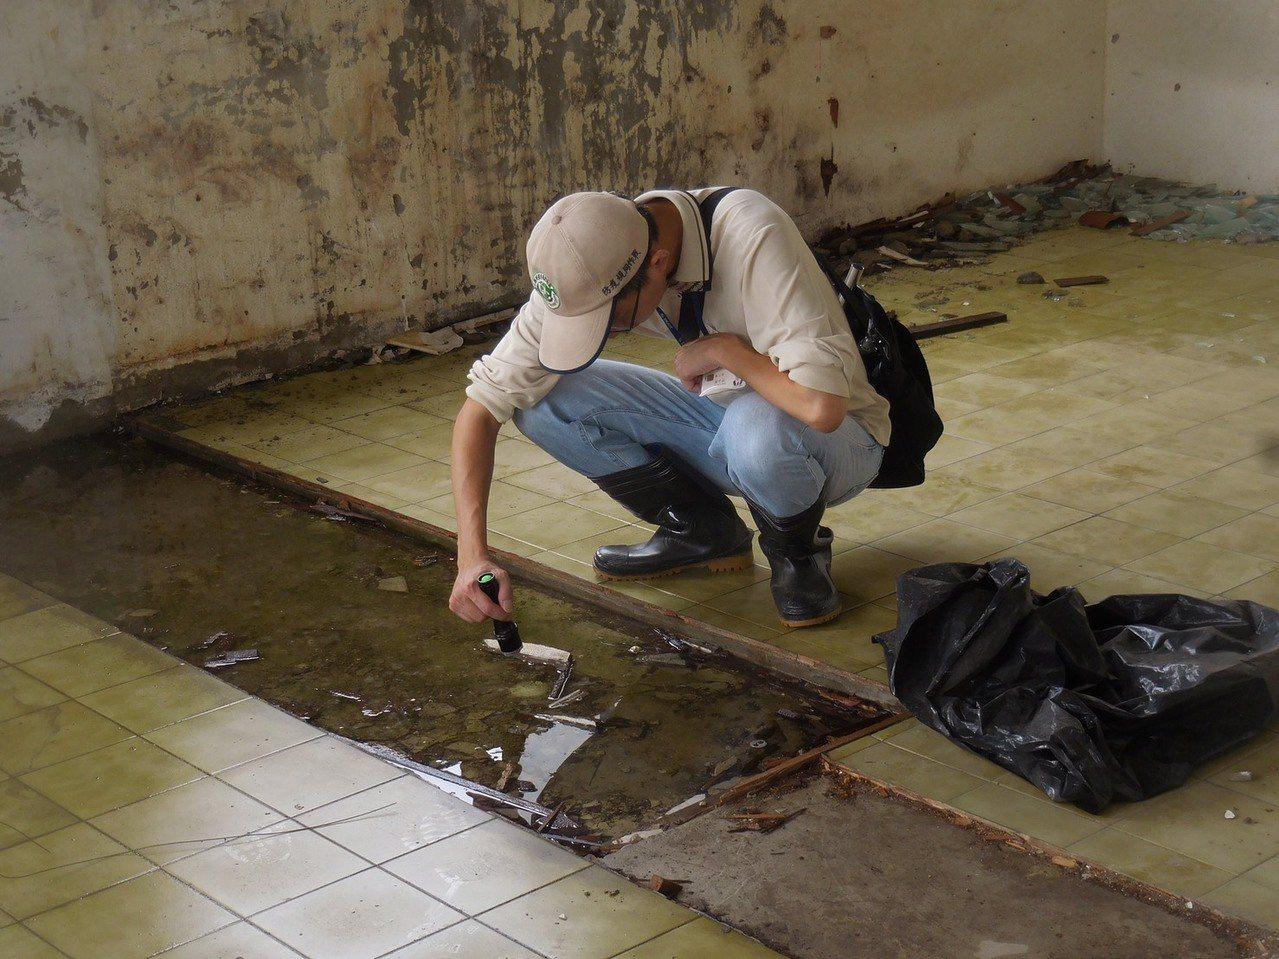 台南市登革熱防治中心呼籲,颱風降雨過後,民眾要盡速清除積水容器,避免孳生病媒蚊。...